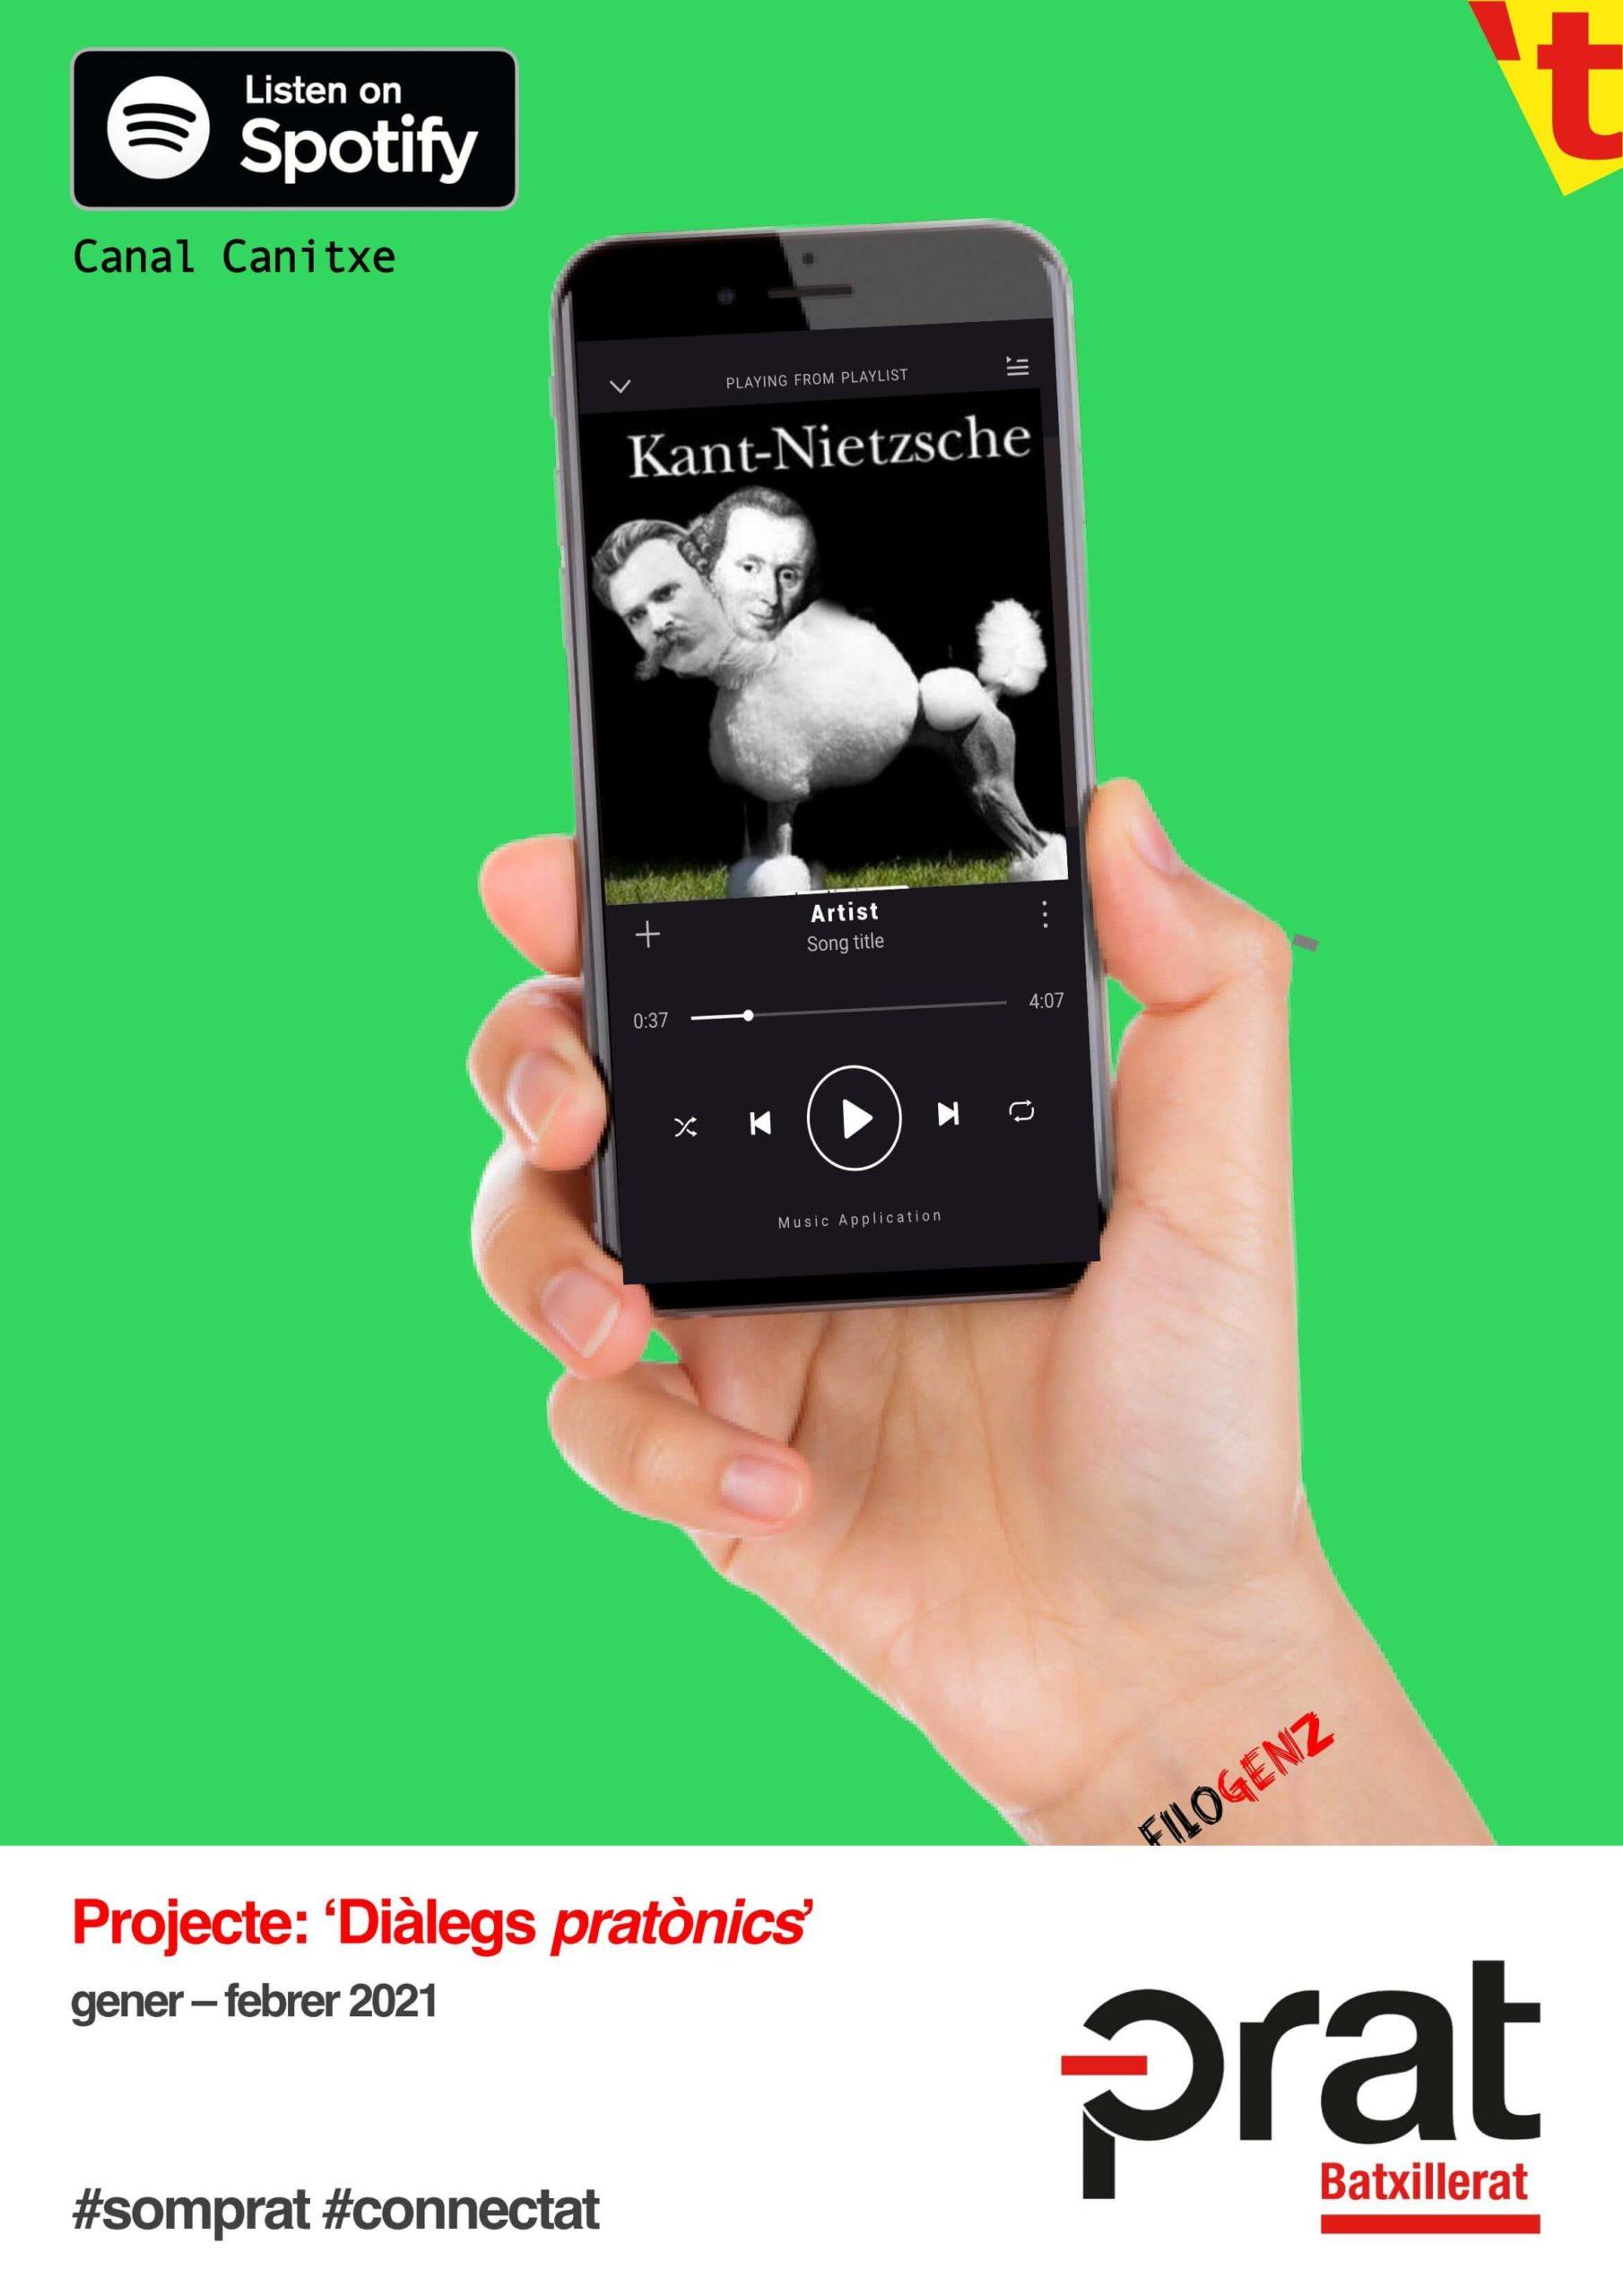 Projecte: Diàlegs pratònics - Batxillerat